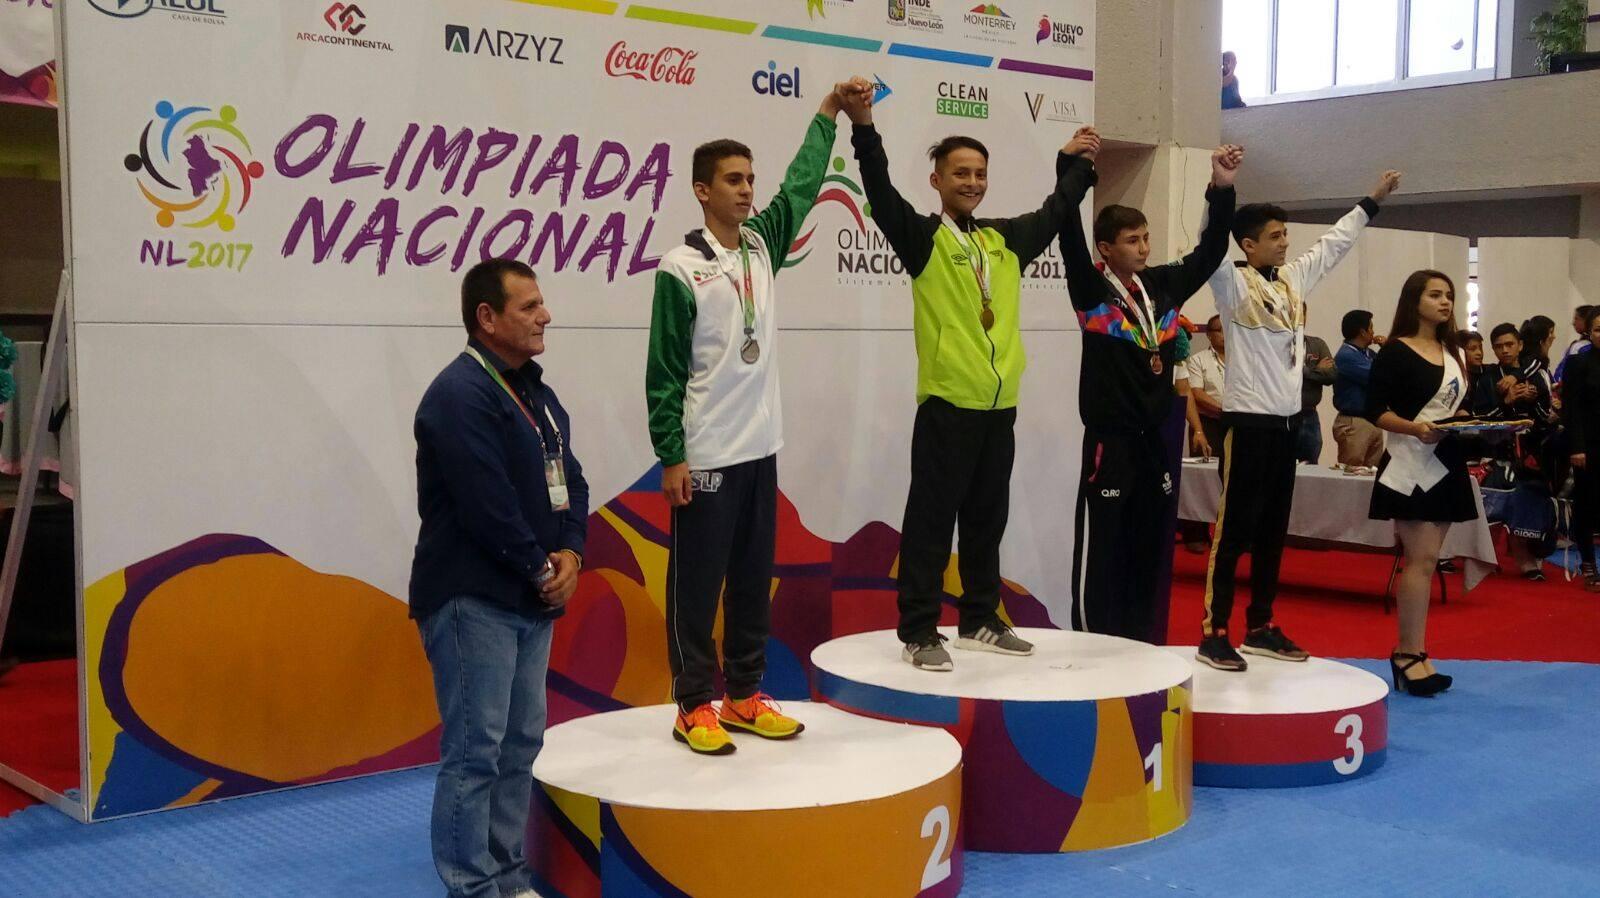 Participaci N Del Ime En Olimpiada Nacional 2017 Instituto De Los Mexicanos En El Exterior